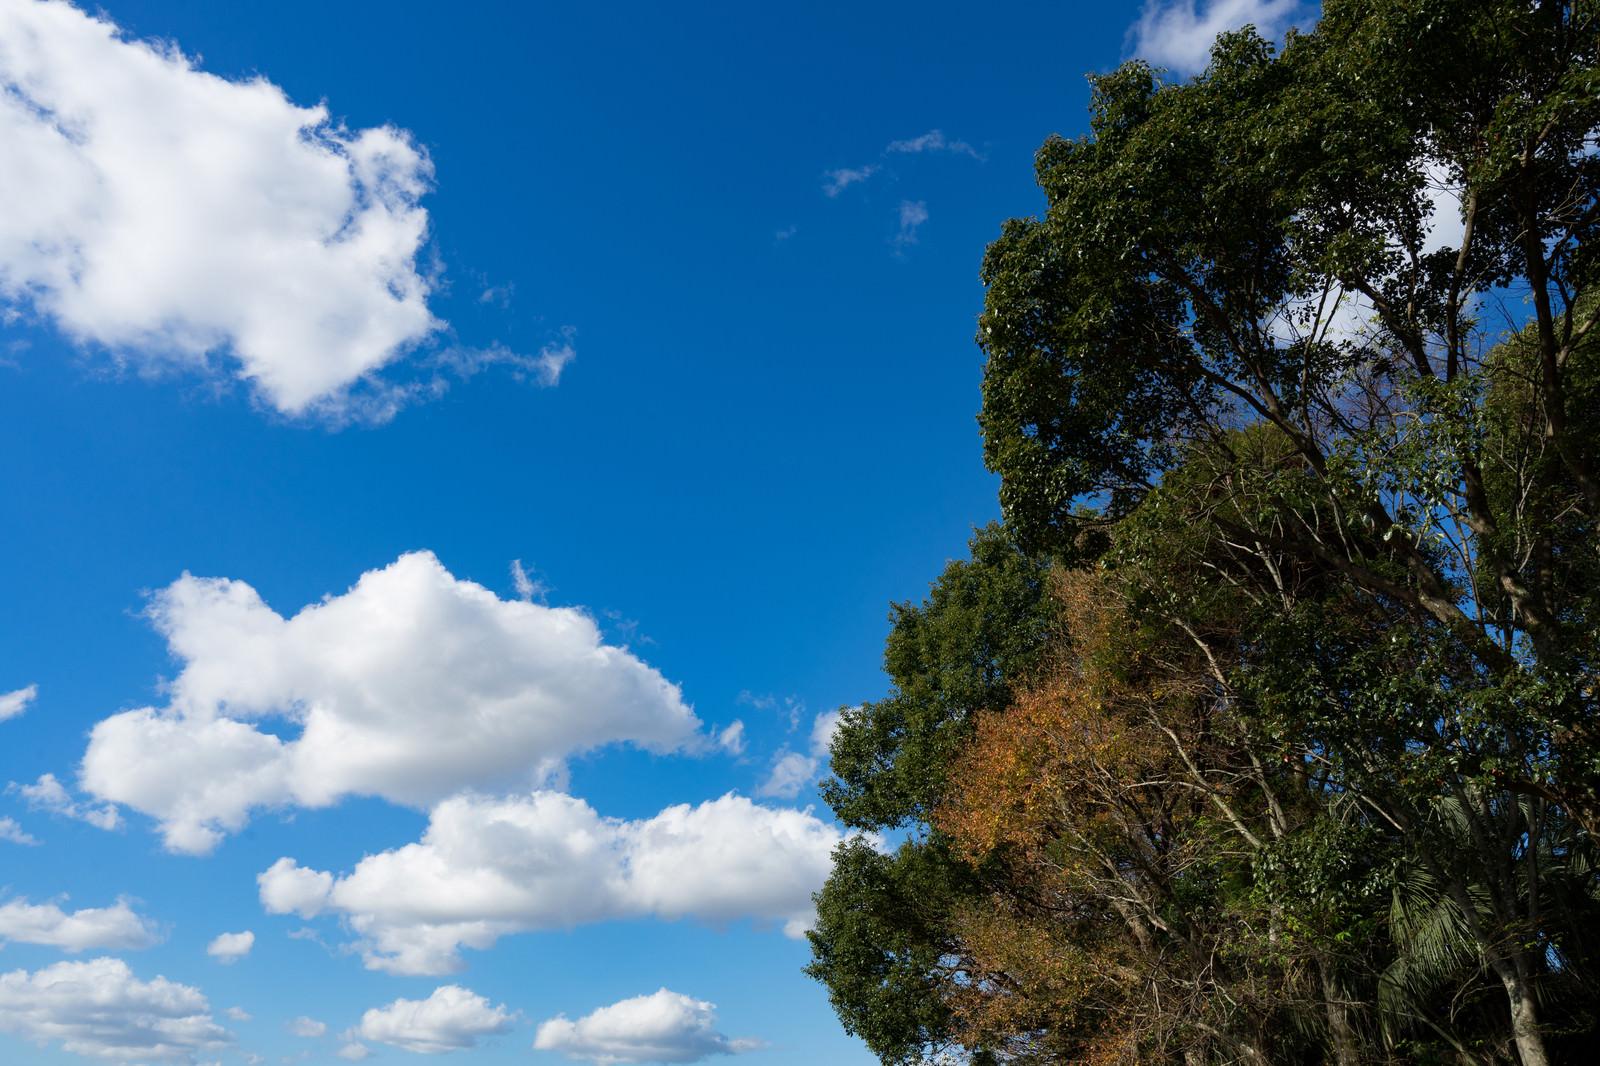 「青空と樹木」の写真